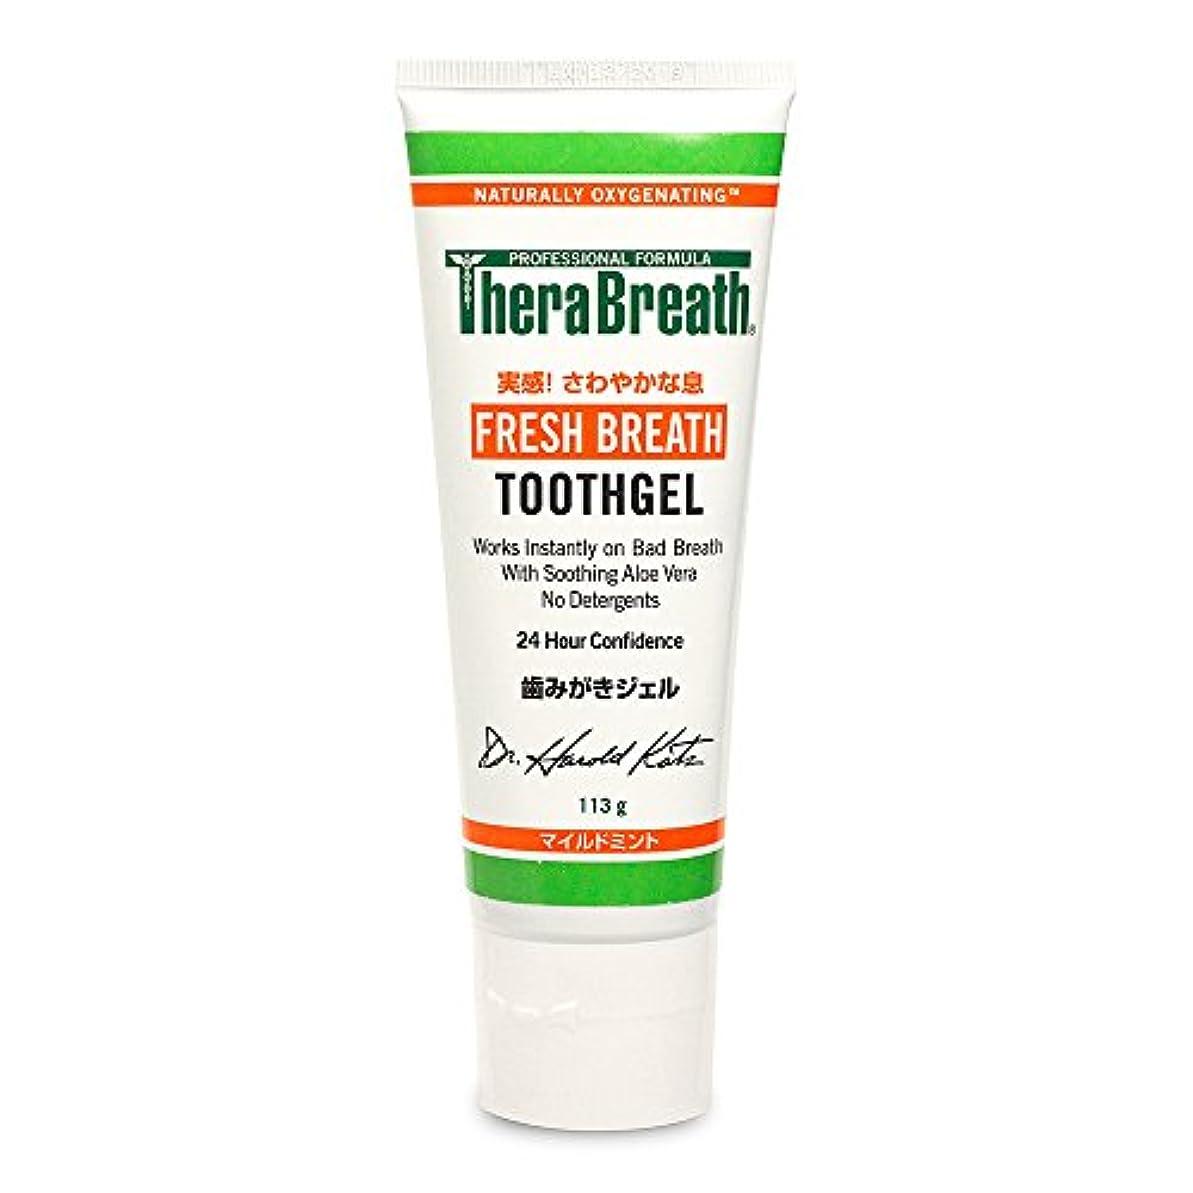 コットン社員活気づけるTheraBreath (セラブレス) セラブレストゥースジェル 113g (正規輸入品) 舌磨き